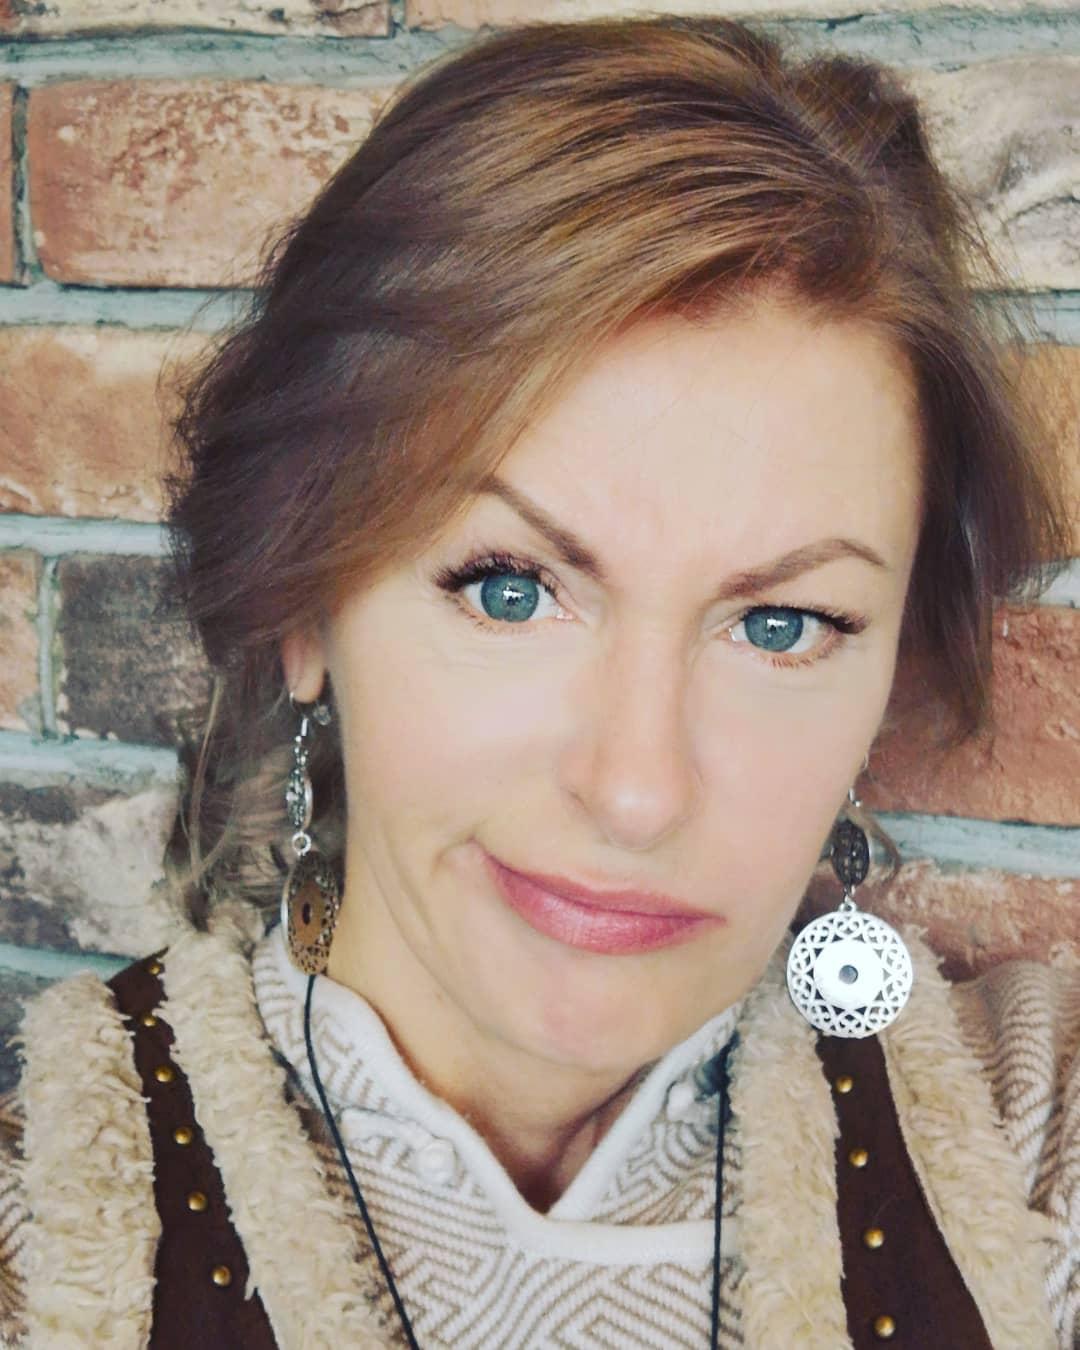 Фотограф и путешественница Светлана Казина, ее биография и семья.